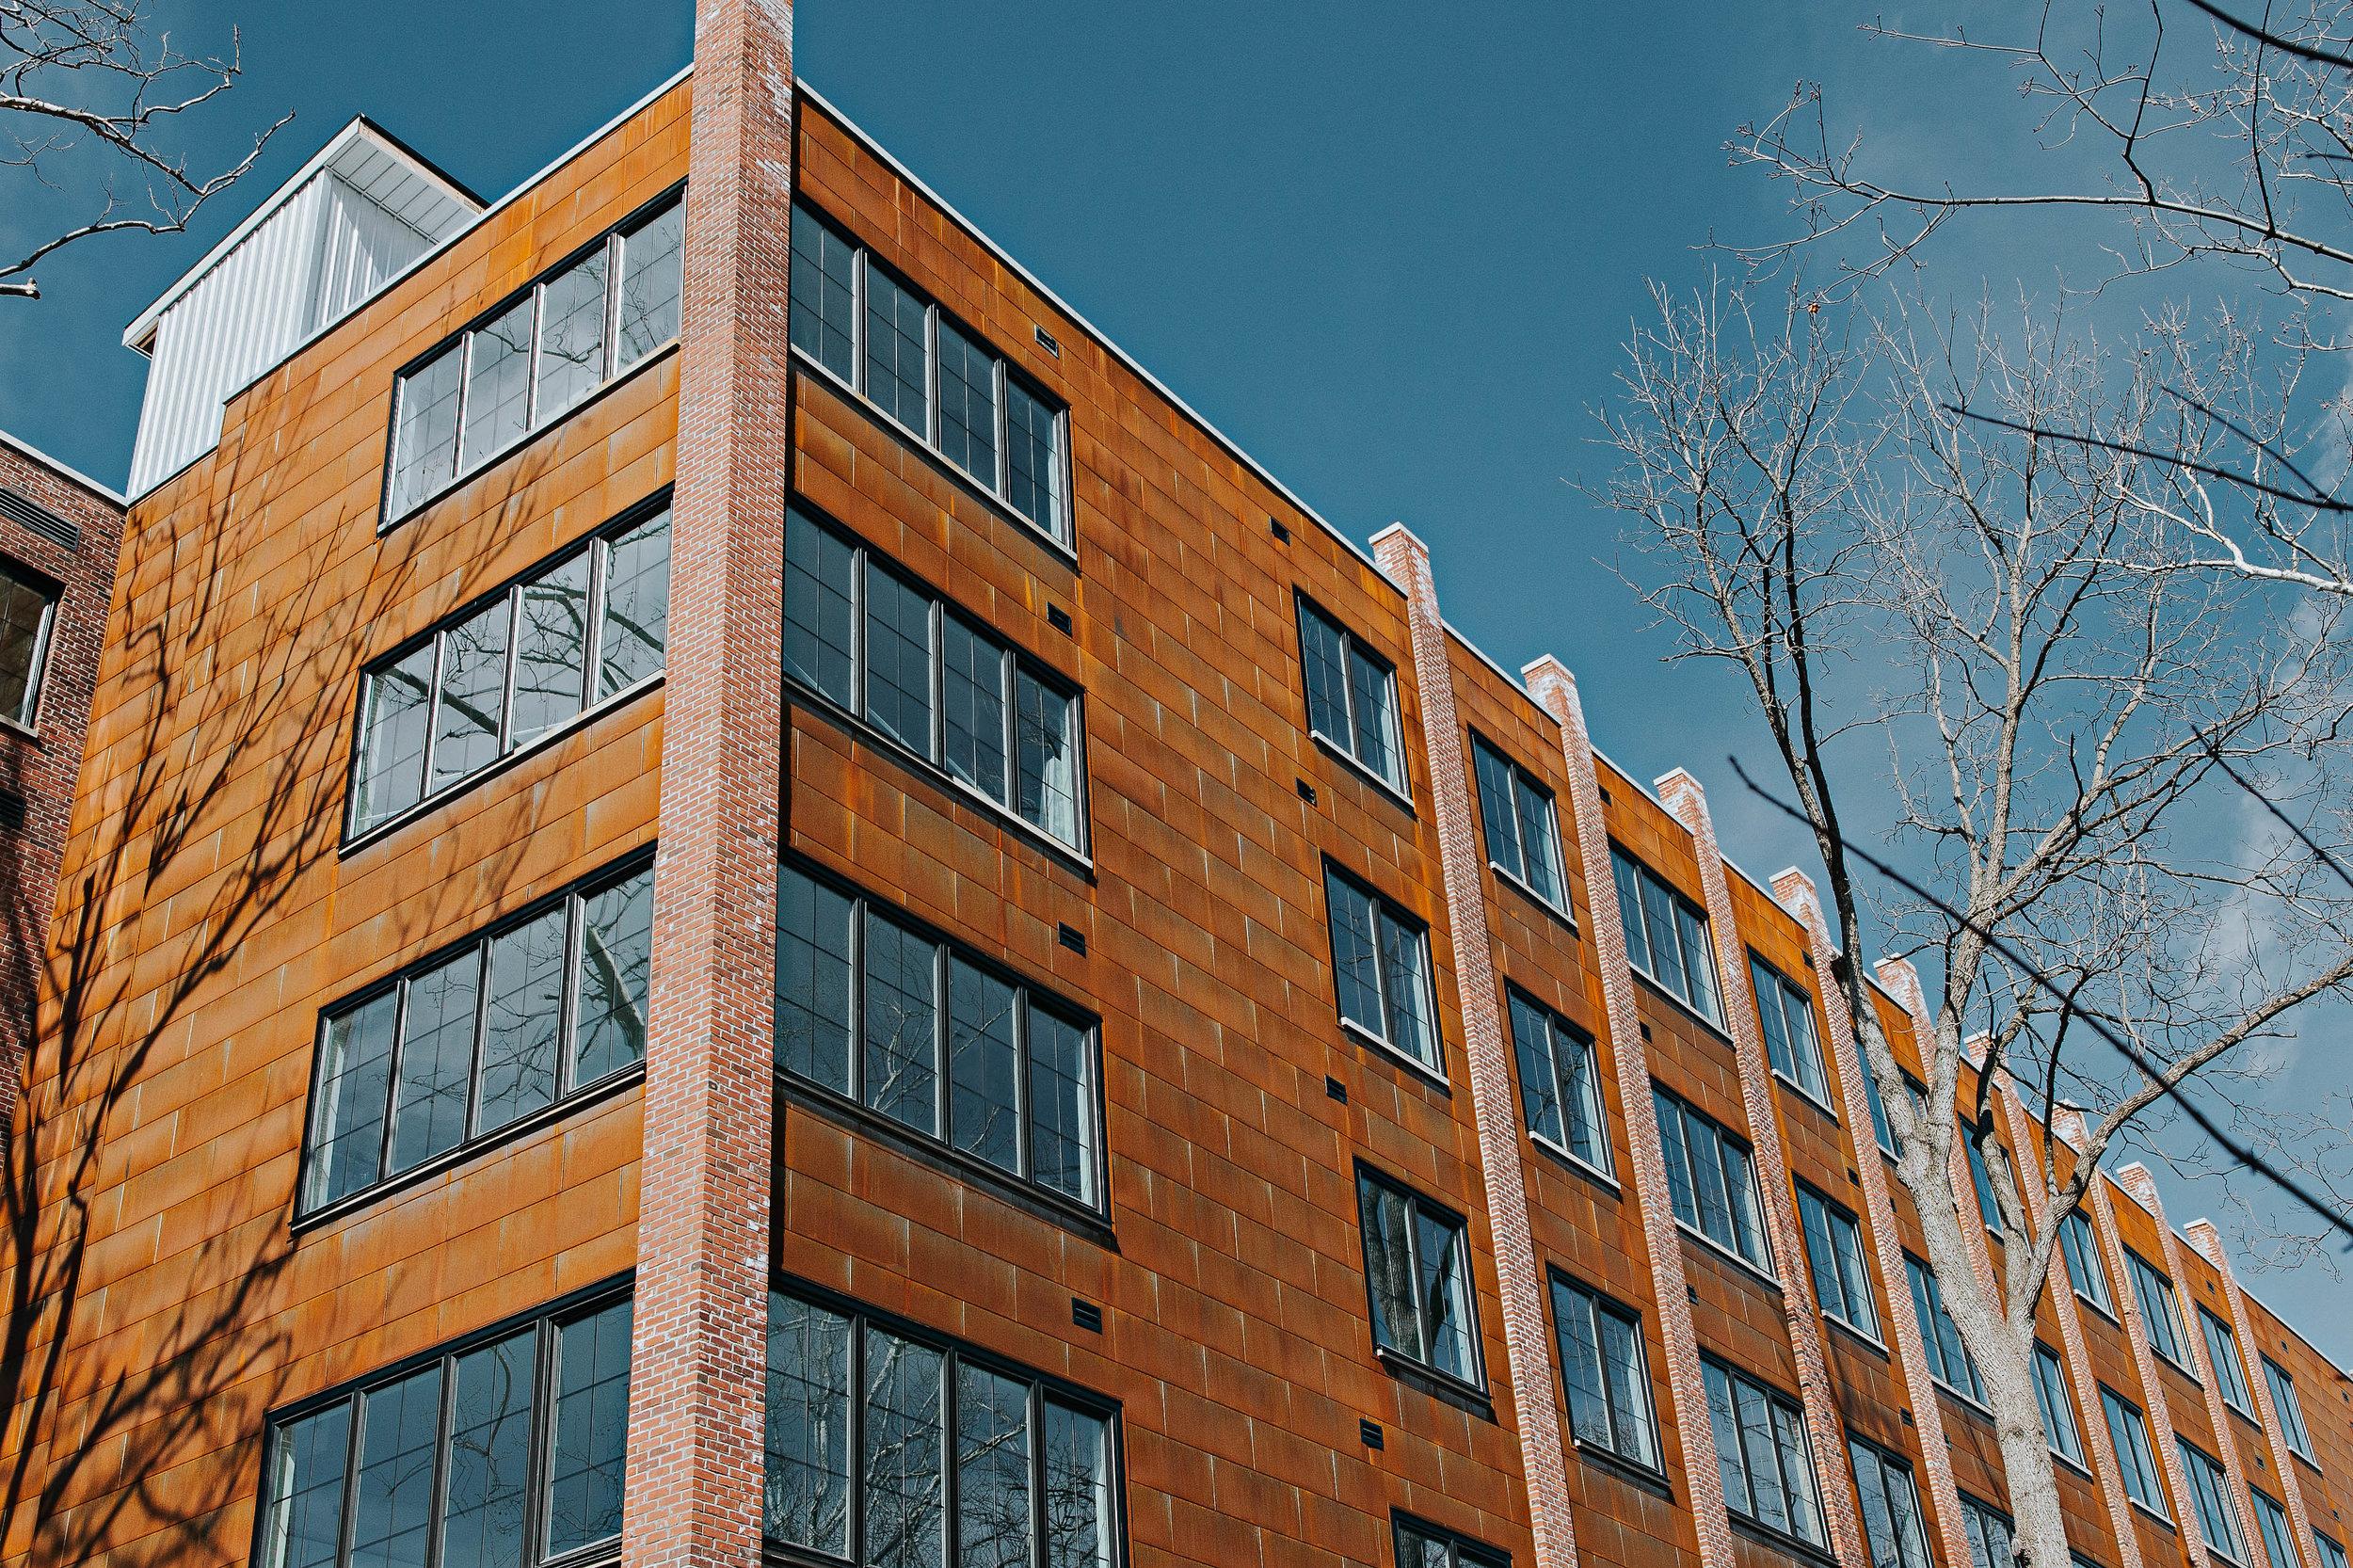 7 Churchill St. Apartment Building in Beacon, NY